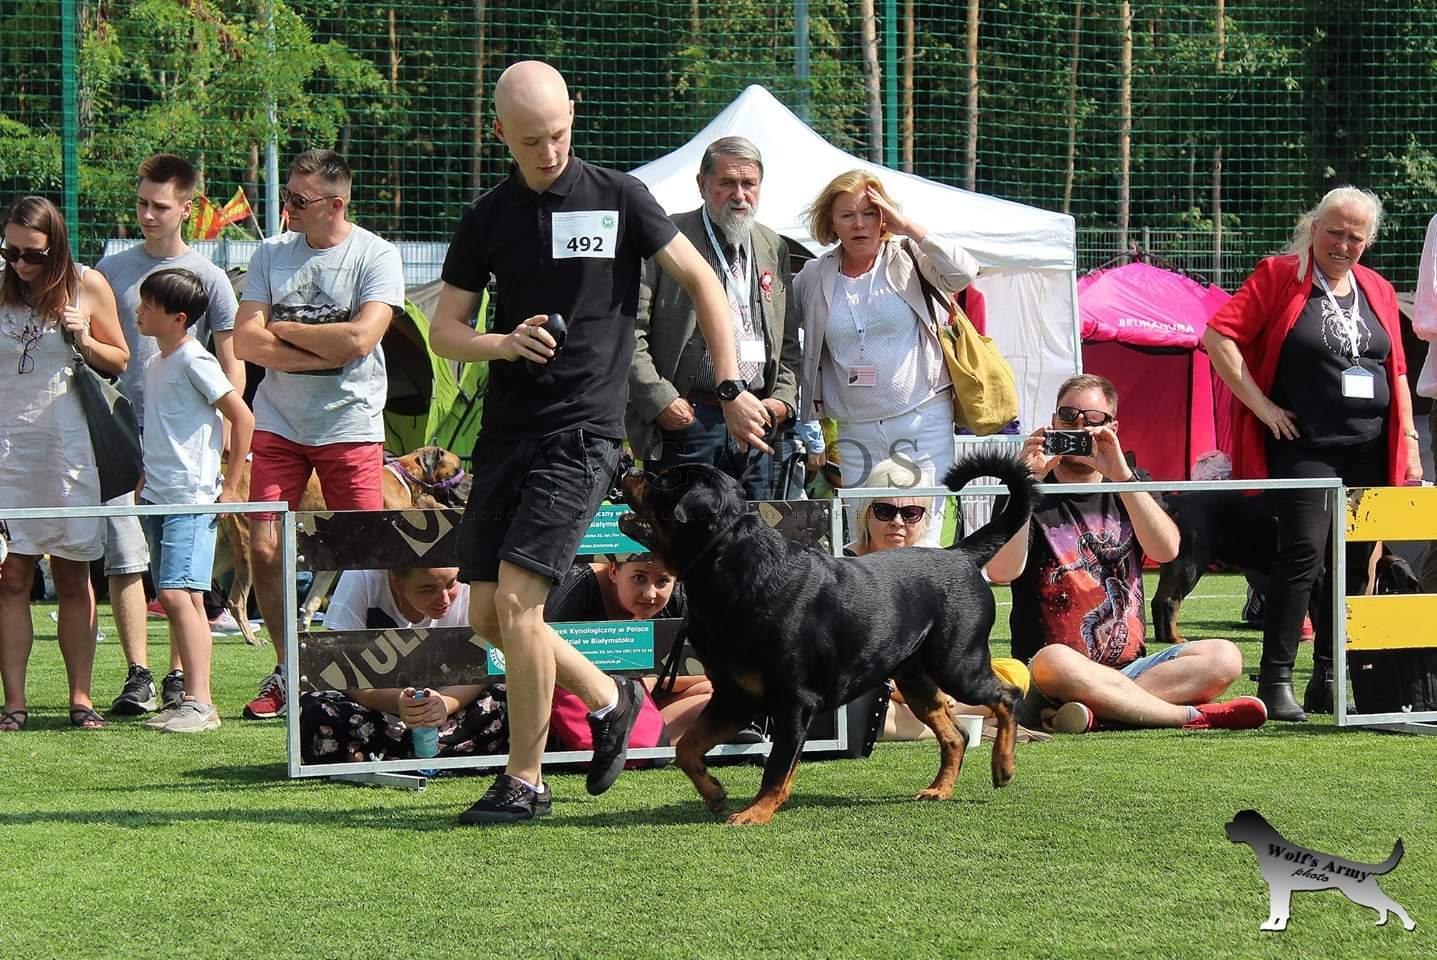 Krajowa Wystawa 2 grupy FCI (18.08.2019) – IMPERATOR Angaros Zwycięzcą Klasy Pośredniej | Rottweiler - Hodowla Rottweilerów Angaros - Rottweilers - Rottweilery